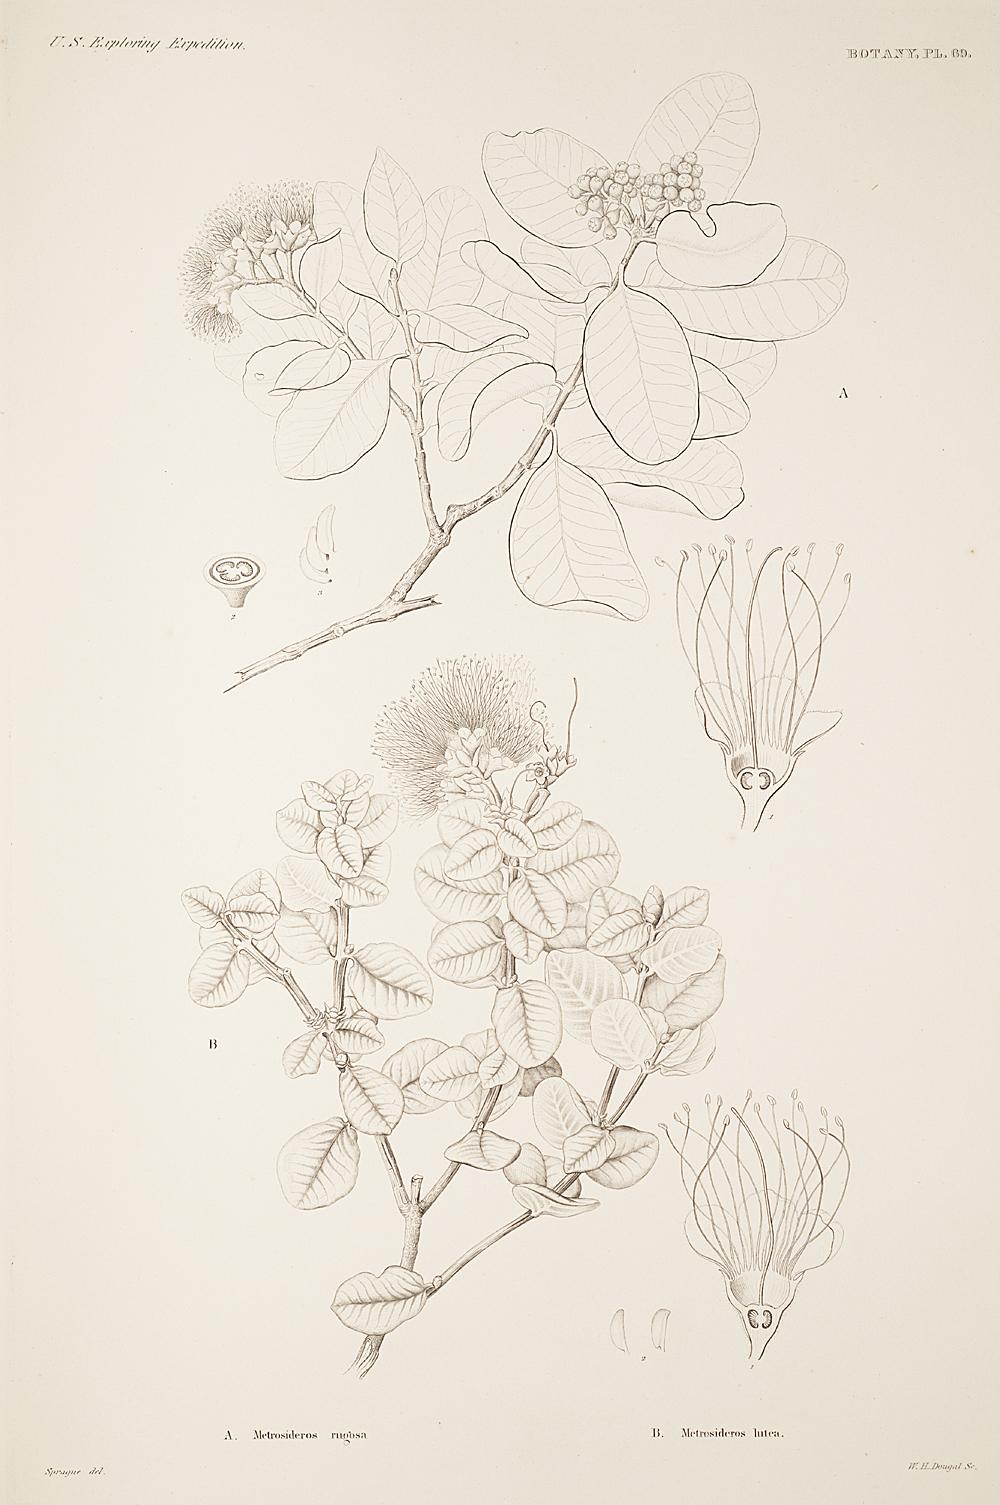 Botany, Pl. 69,  Image number:sil19-23-149b